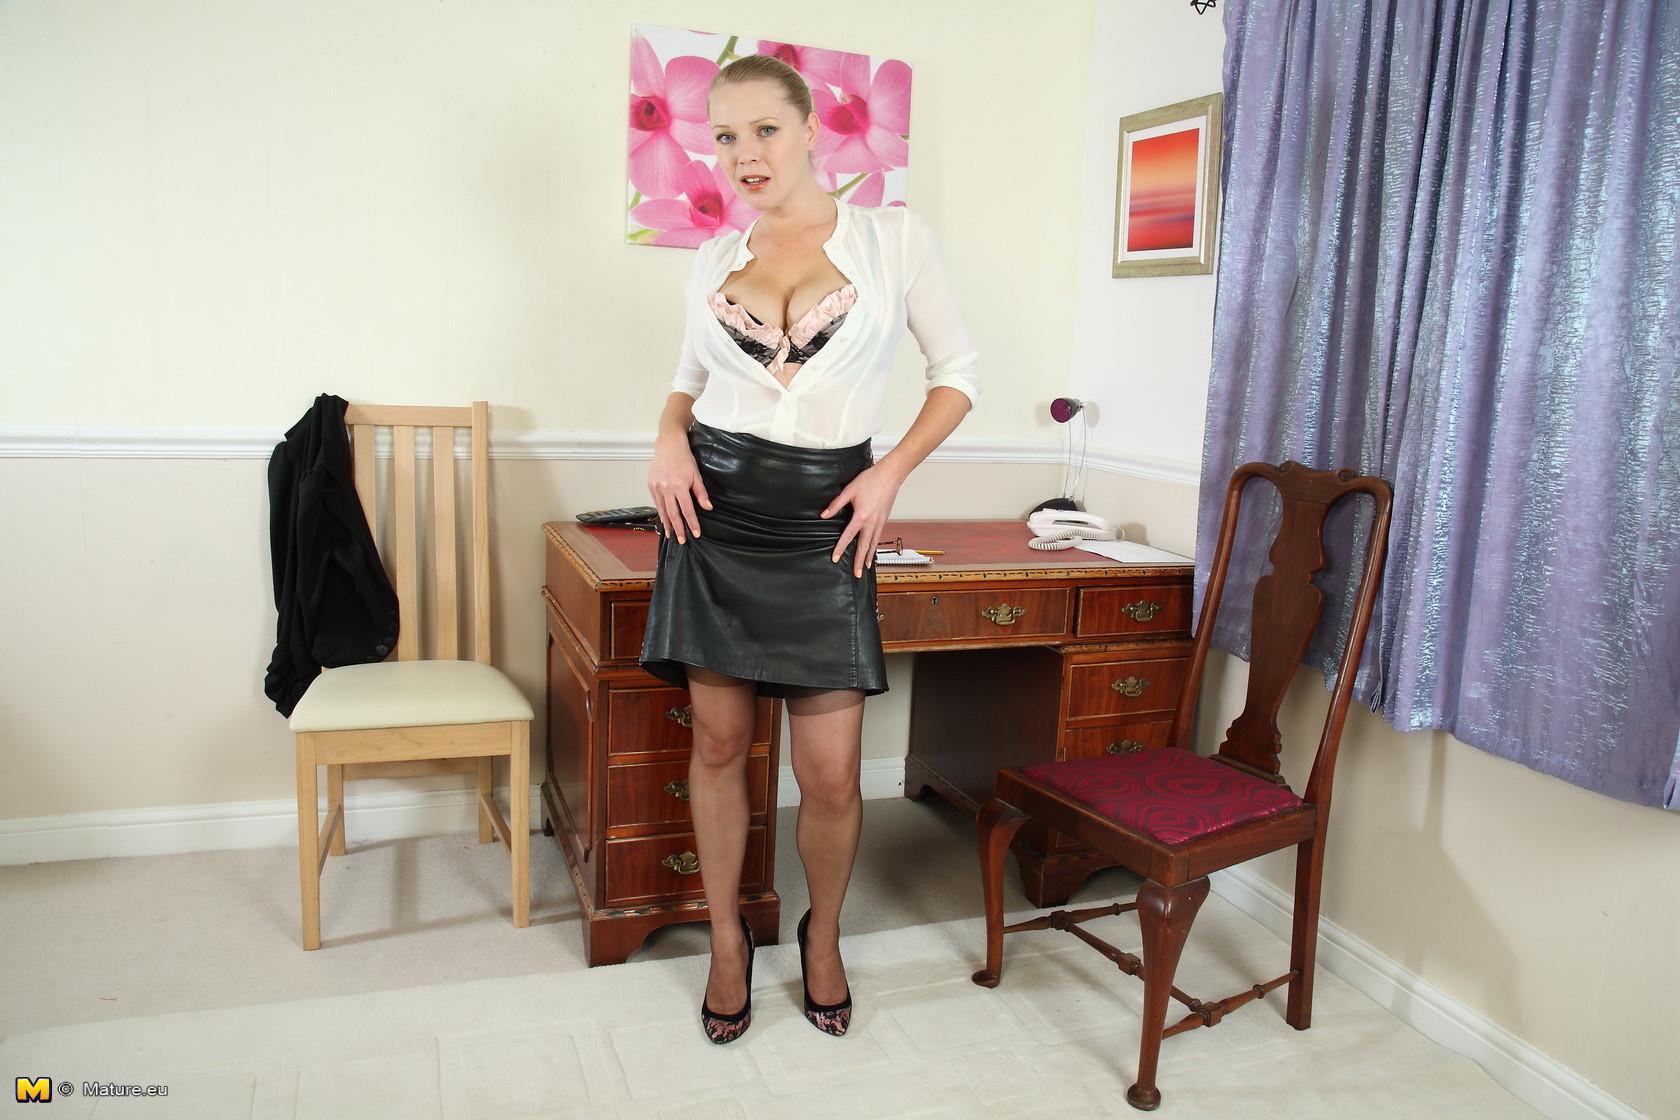 Девушке в офисной форме становится скучно и она решает немного пошалить перед камерой